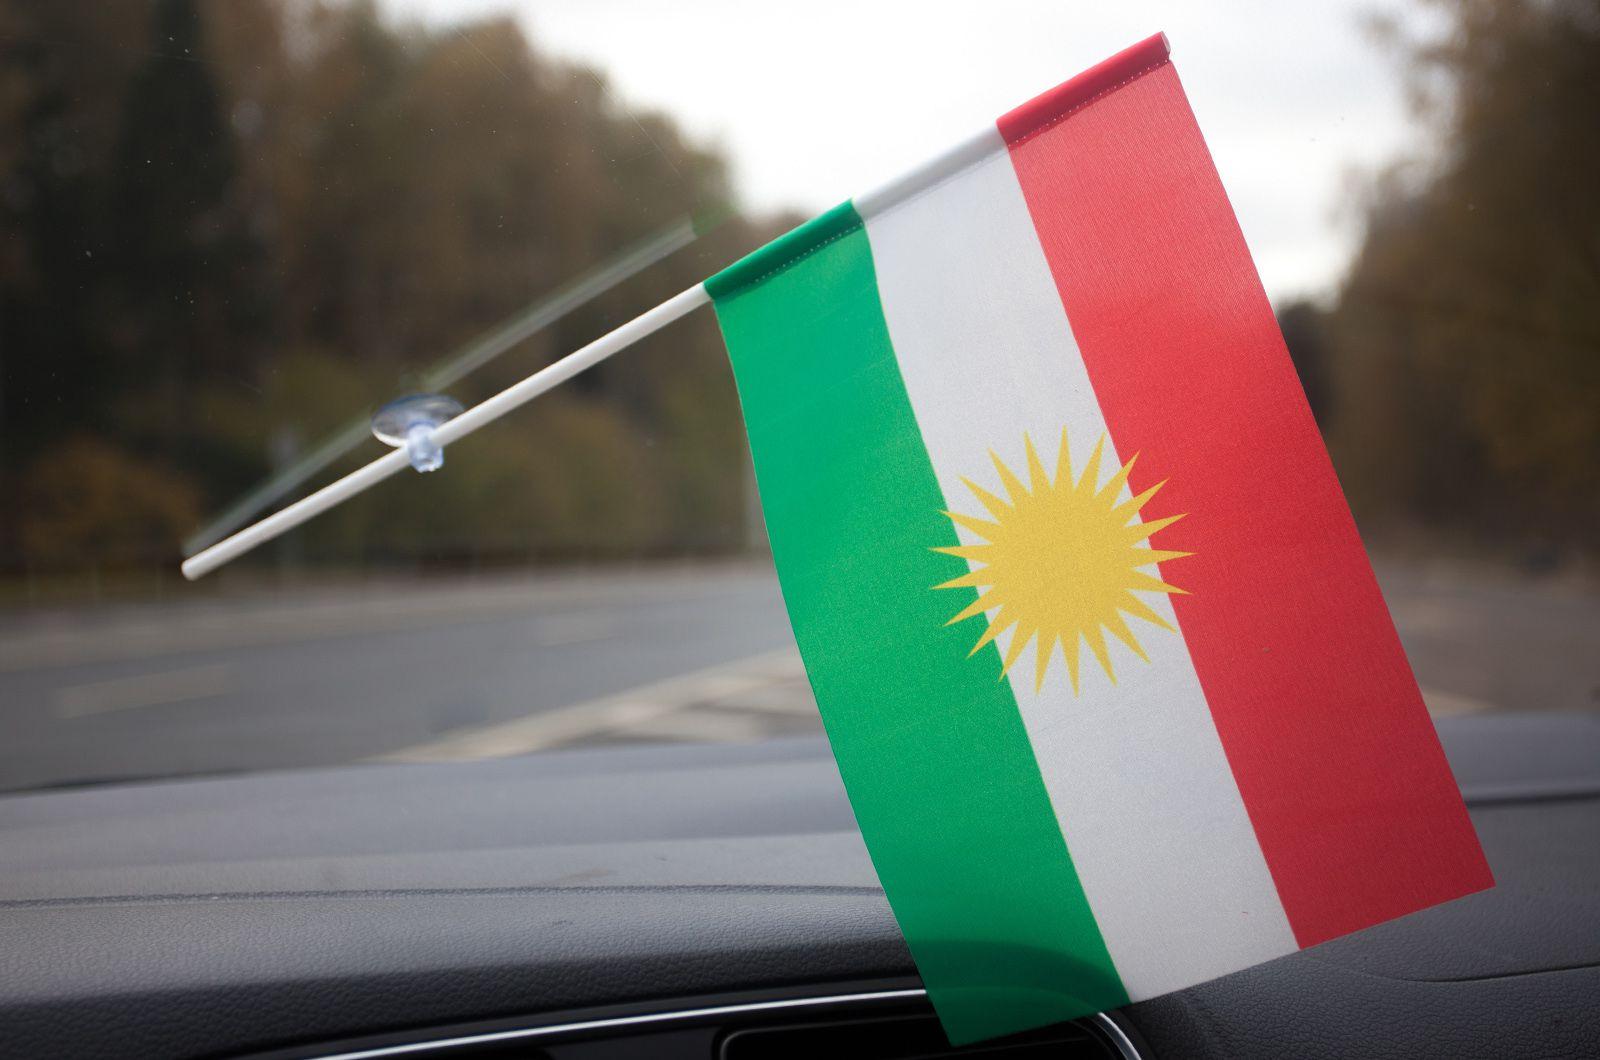 Флажок Курдистана в машину